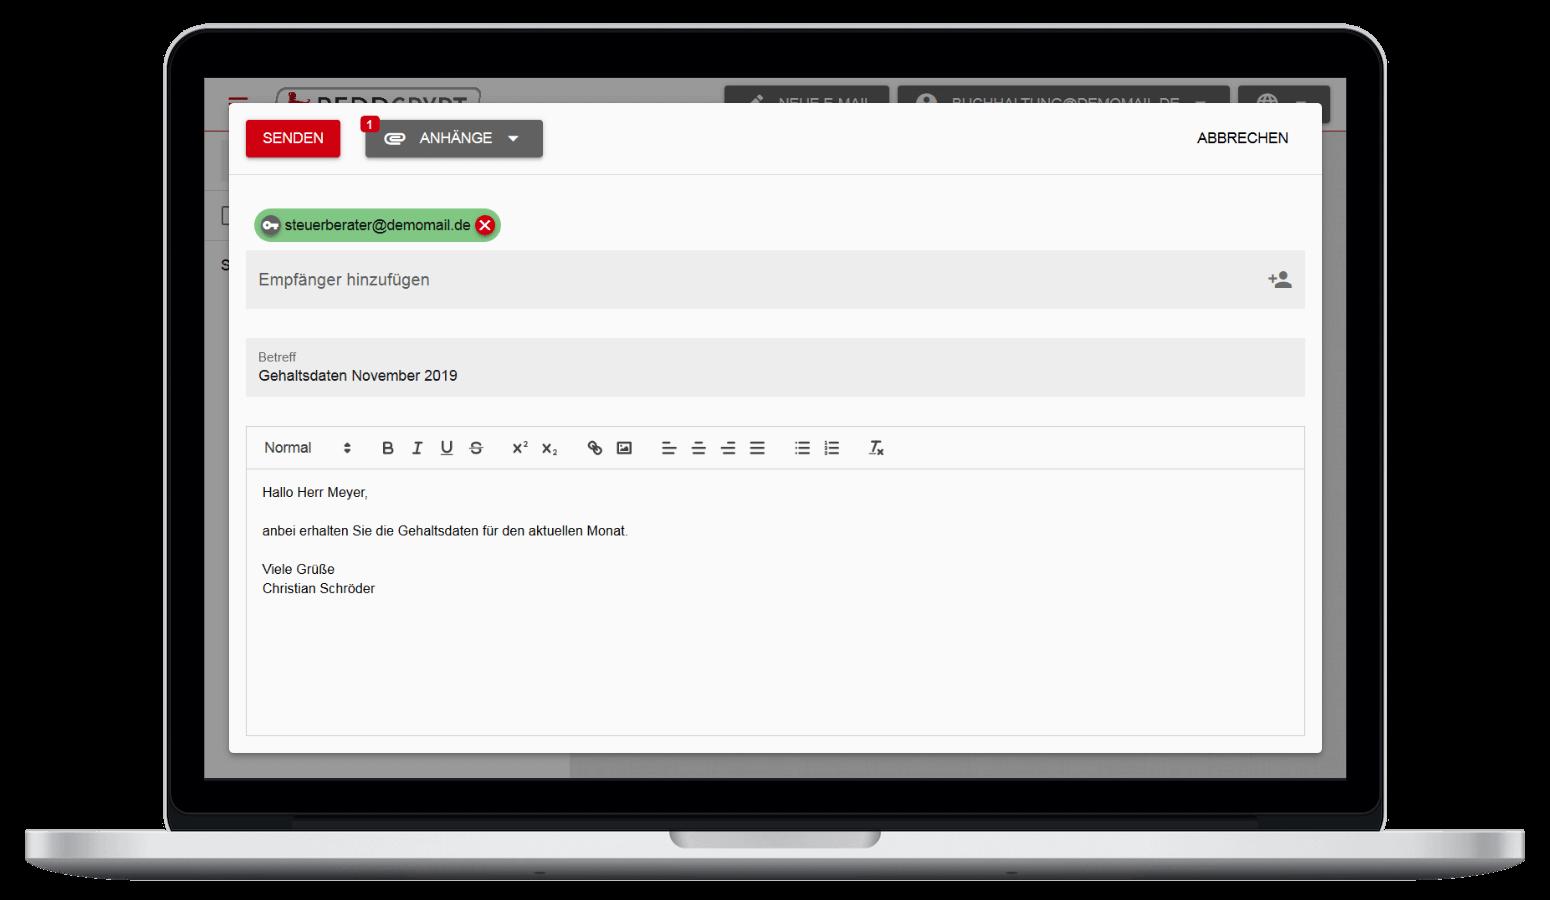 Mit der REDDCRYPT Web App können Sie Ihre E-Mail auf jedem Gerät ver- und entschlüsseln - ganz ohne Zertifikate